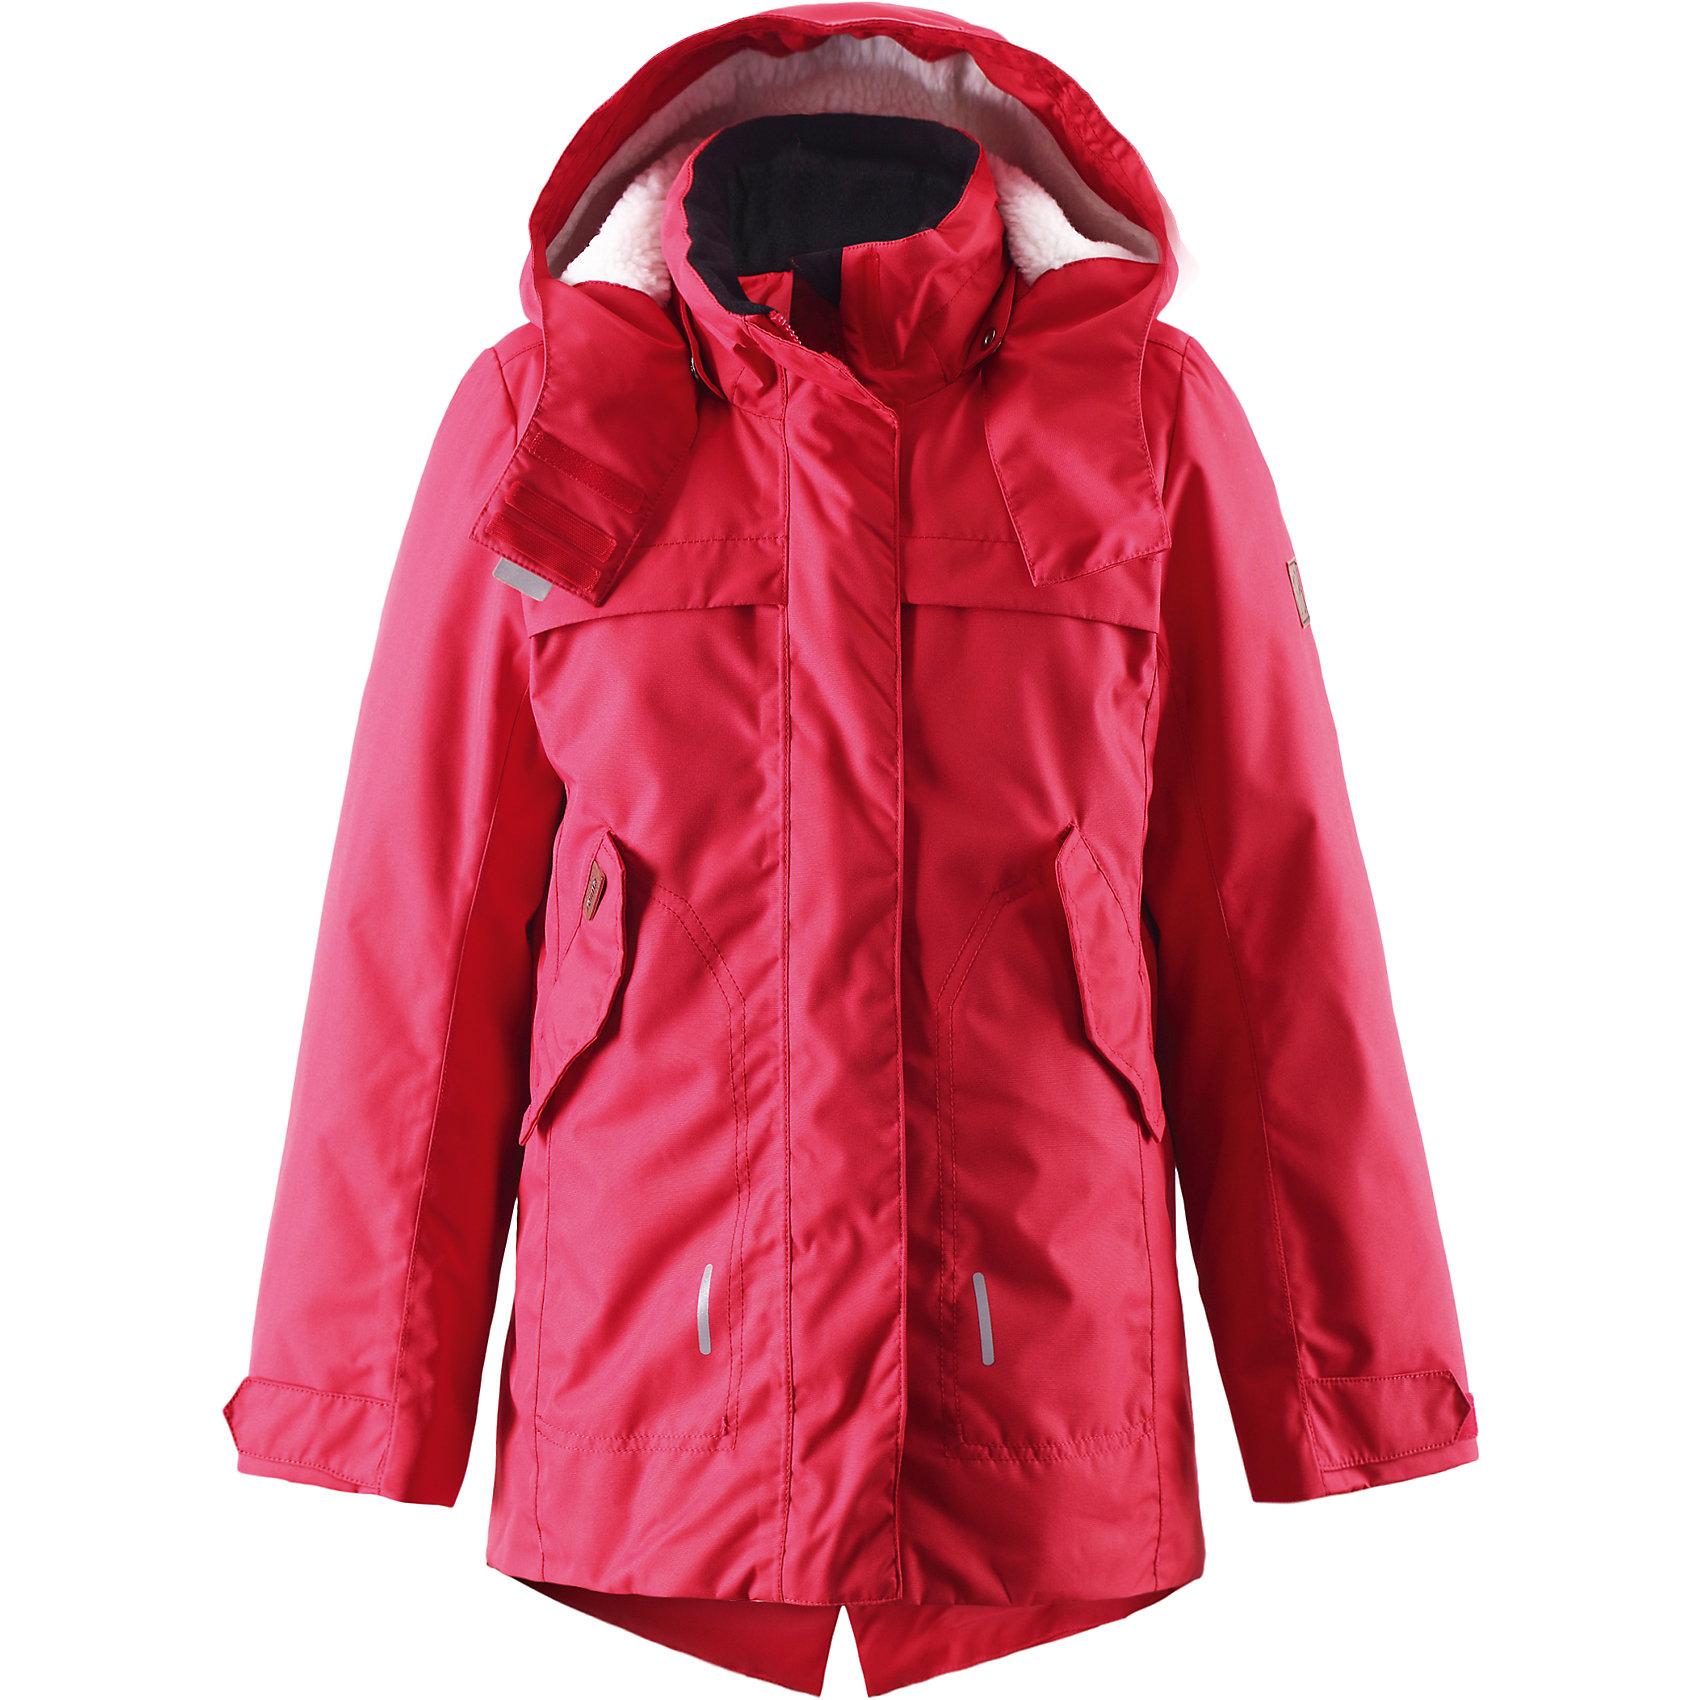 Куртка Tippa для девочки ReimaОдежда<br>Куртка для девочки Reima<br>Куртка для подростков. Основные швы проклеены и не пропускают влагу. Водо- и ветронепроницаемый, «дышащий» и грязеотталкивающий материал. Крой для девочек. Стеганая подкладка. Махровая подкладка на капюшоне. Безопасный, съемный капюшон. Регулируемый манжет на липучке. Внутренняя регулировка обхвата талии. Удлиненный подол сзади. Два кармана с клапанами. Безопасные светоотражающие детали. Петля для дополнительных светоотражающих деталей.<br>Утеплитель: Reima® Comfort+ insulation,140 g<br>Уход:<br>Стирать по отдельности, вывернув наизнанку. Застегнуть молнии и липучки. Стирать моющим средством, не содержащим отбеливающие вещества. Полоскать без специального средства. Во избежание изменения цвета изделие необходимо вынуть из стиральной машинки незамедлительно после окончания программы стирки. Сушить при низкой температуре.<br>Состав:<br>100% Полиамид, полиуретановое покрытие<br><br>Ширина мм: 356<br>Глубина мм: 10<br>Высота мм: 245<br>Вес г: 519<br>Цвет: красный<br>Возраст от месяцев: 72<br>Возраст до месяцев: 84<br>Пол: Женский<br>Возраст: Детский<br>Размер: 122,158,164,116,134,110,104,152,128,146,140<br>SKU: 4778207